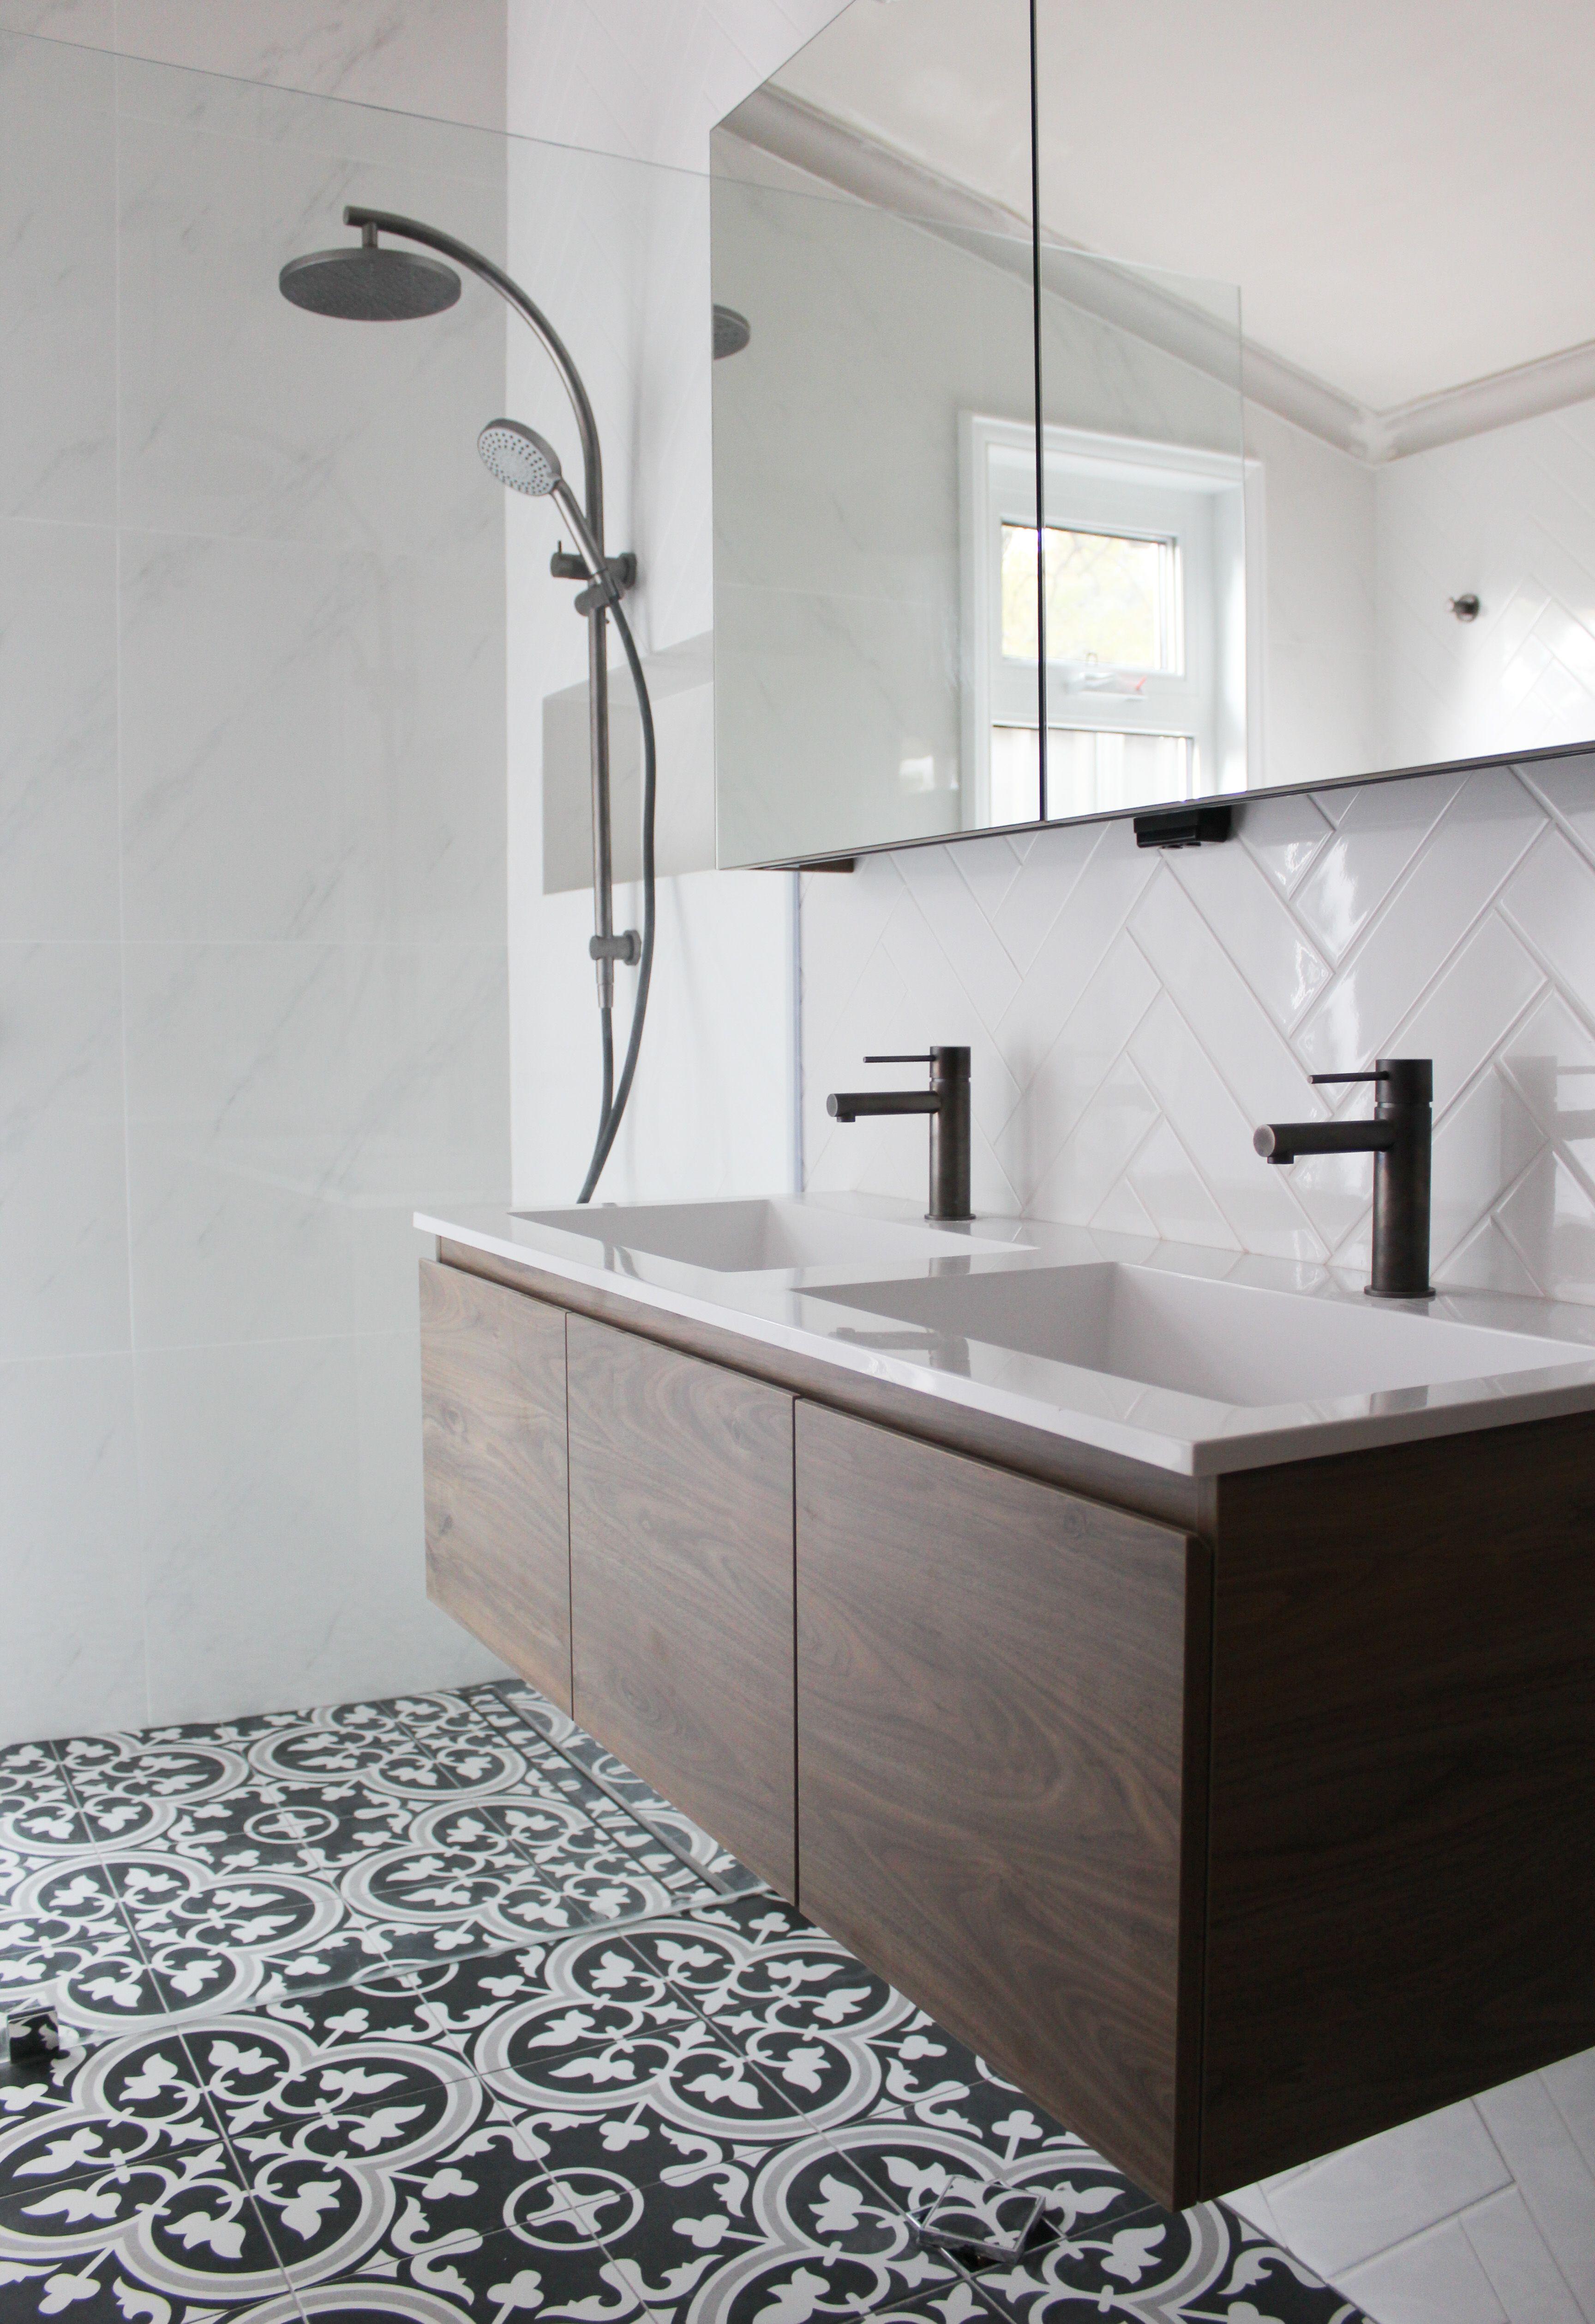 Encaustic Floor Tile - Herringbone Tiling - White Wall and ...